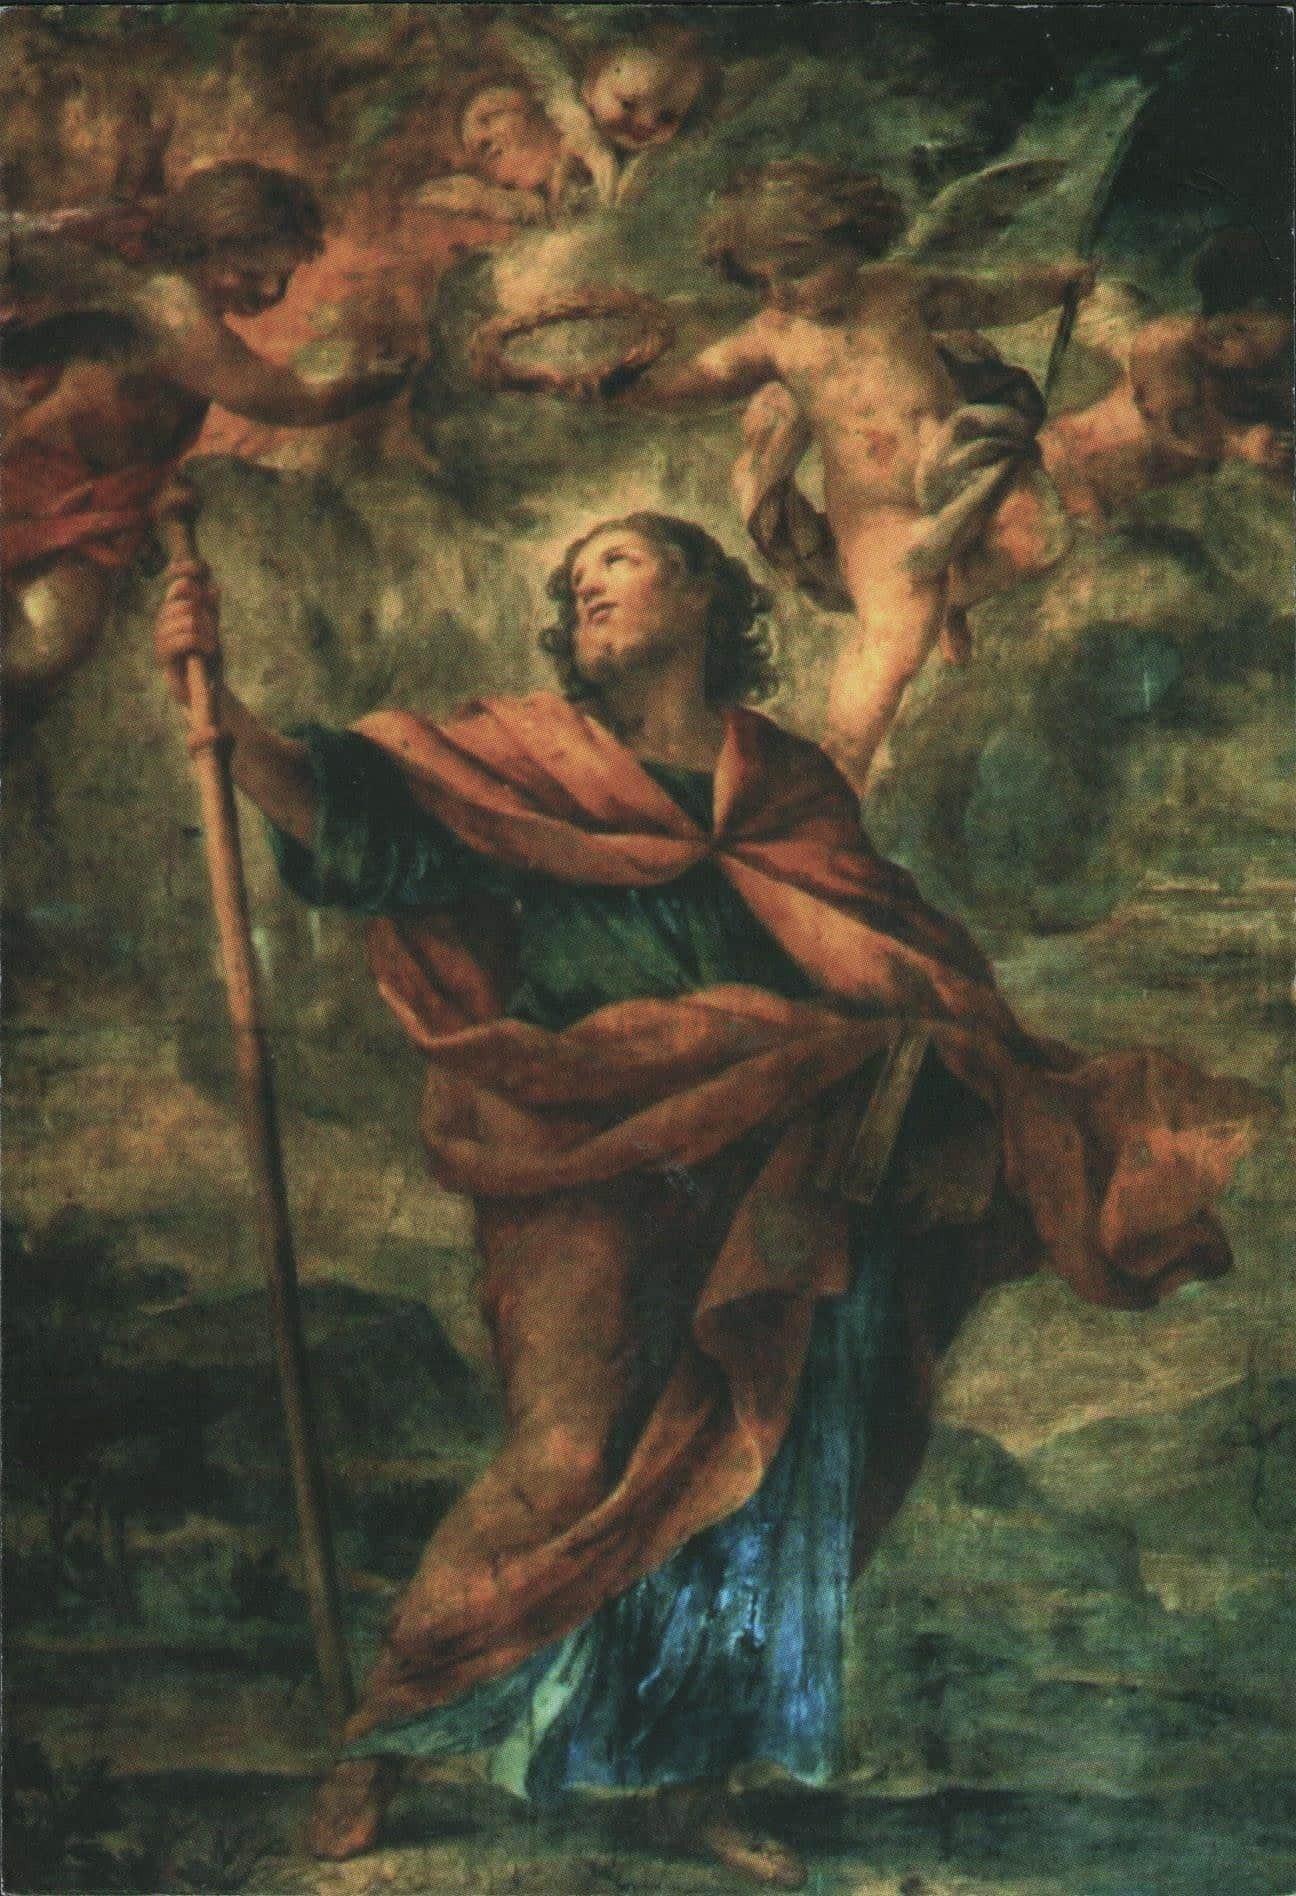 2020-2021: Il Raffaellino e l'affresco di San Giacomo Il Maggiore alla Lungara